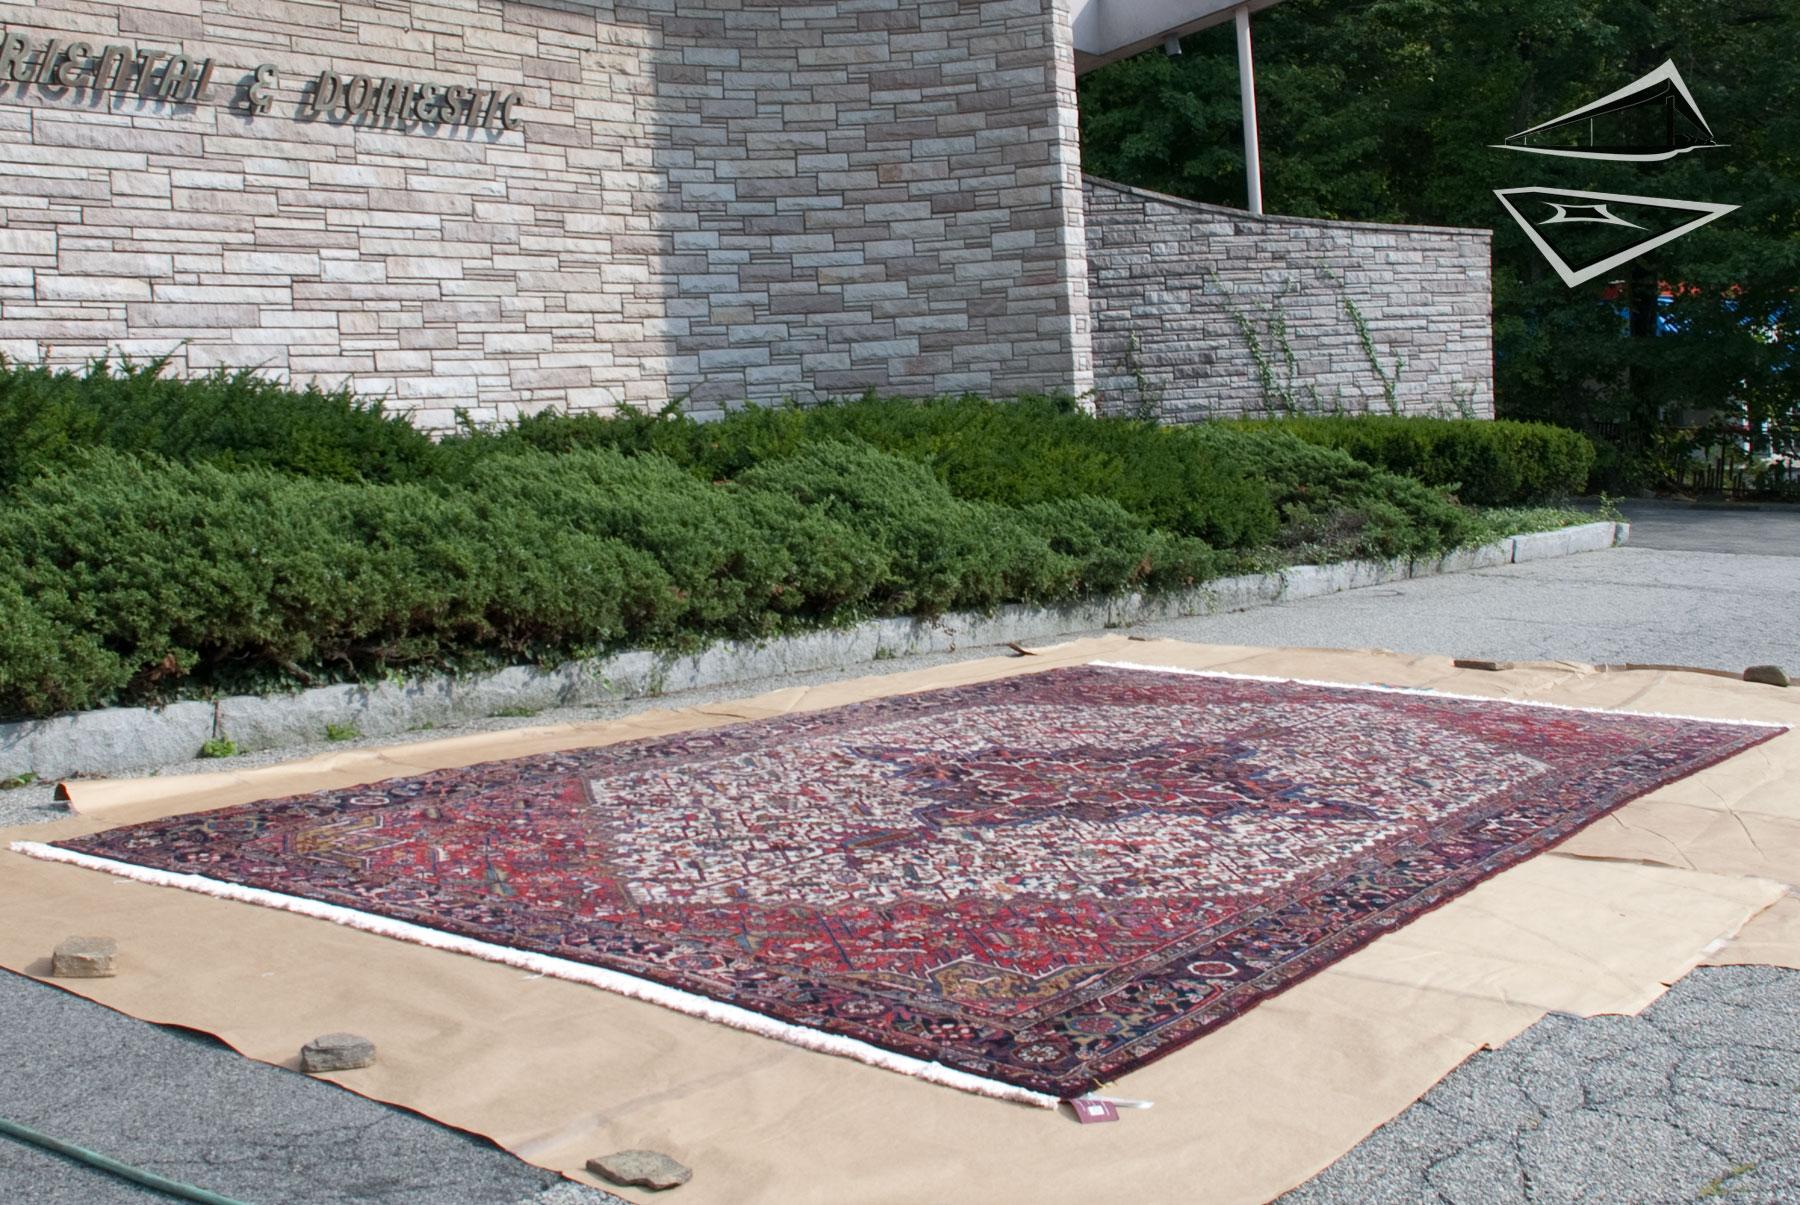 Persian carpet 11 39 x 20 39 for Northwest flooring